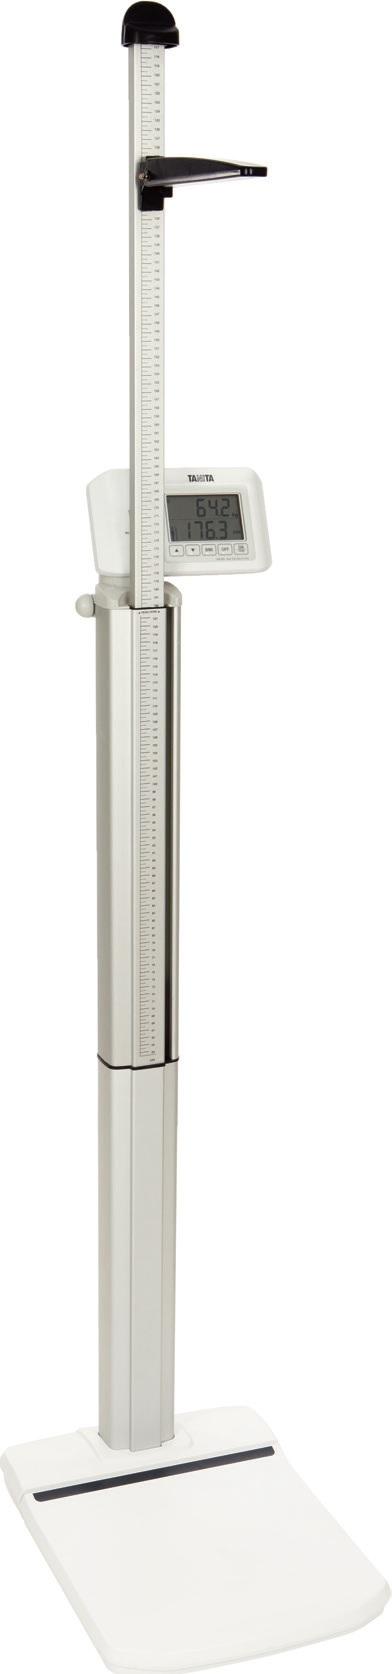 Lékaøská digitální váha s funkcí BMI a výškomìrem WB 380H